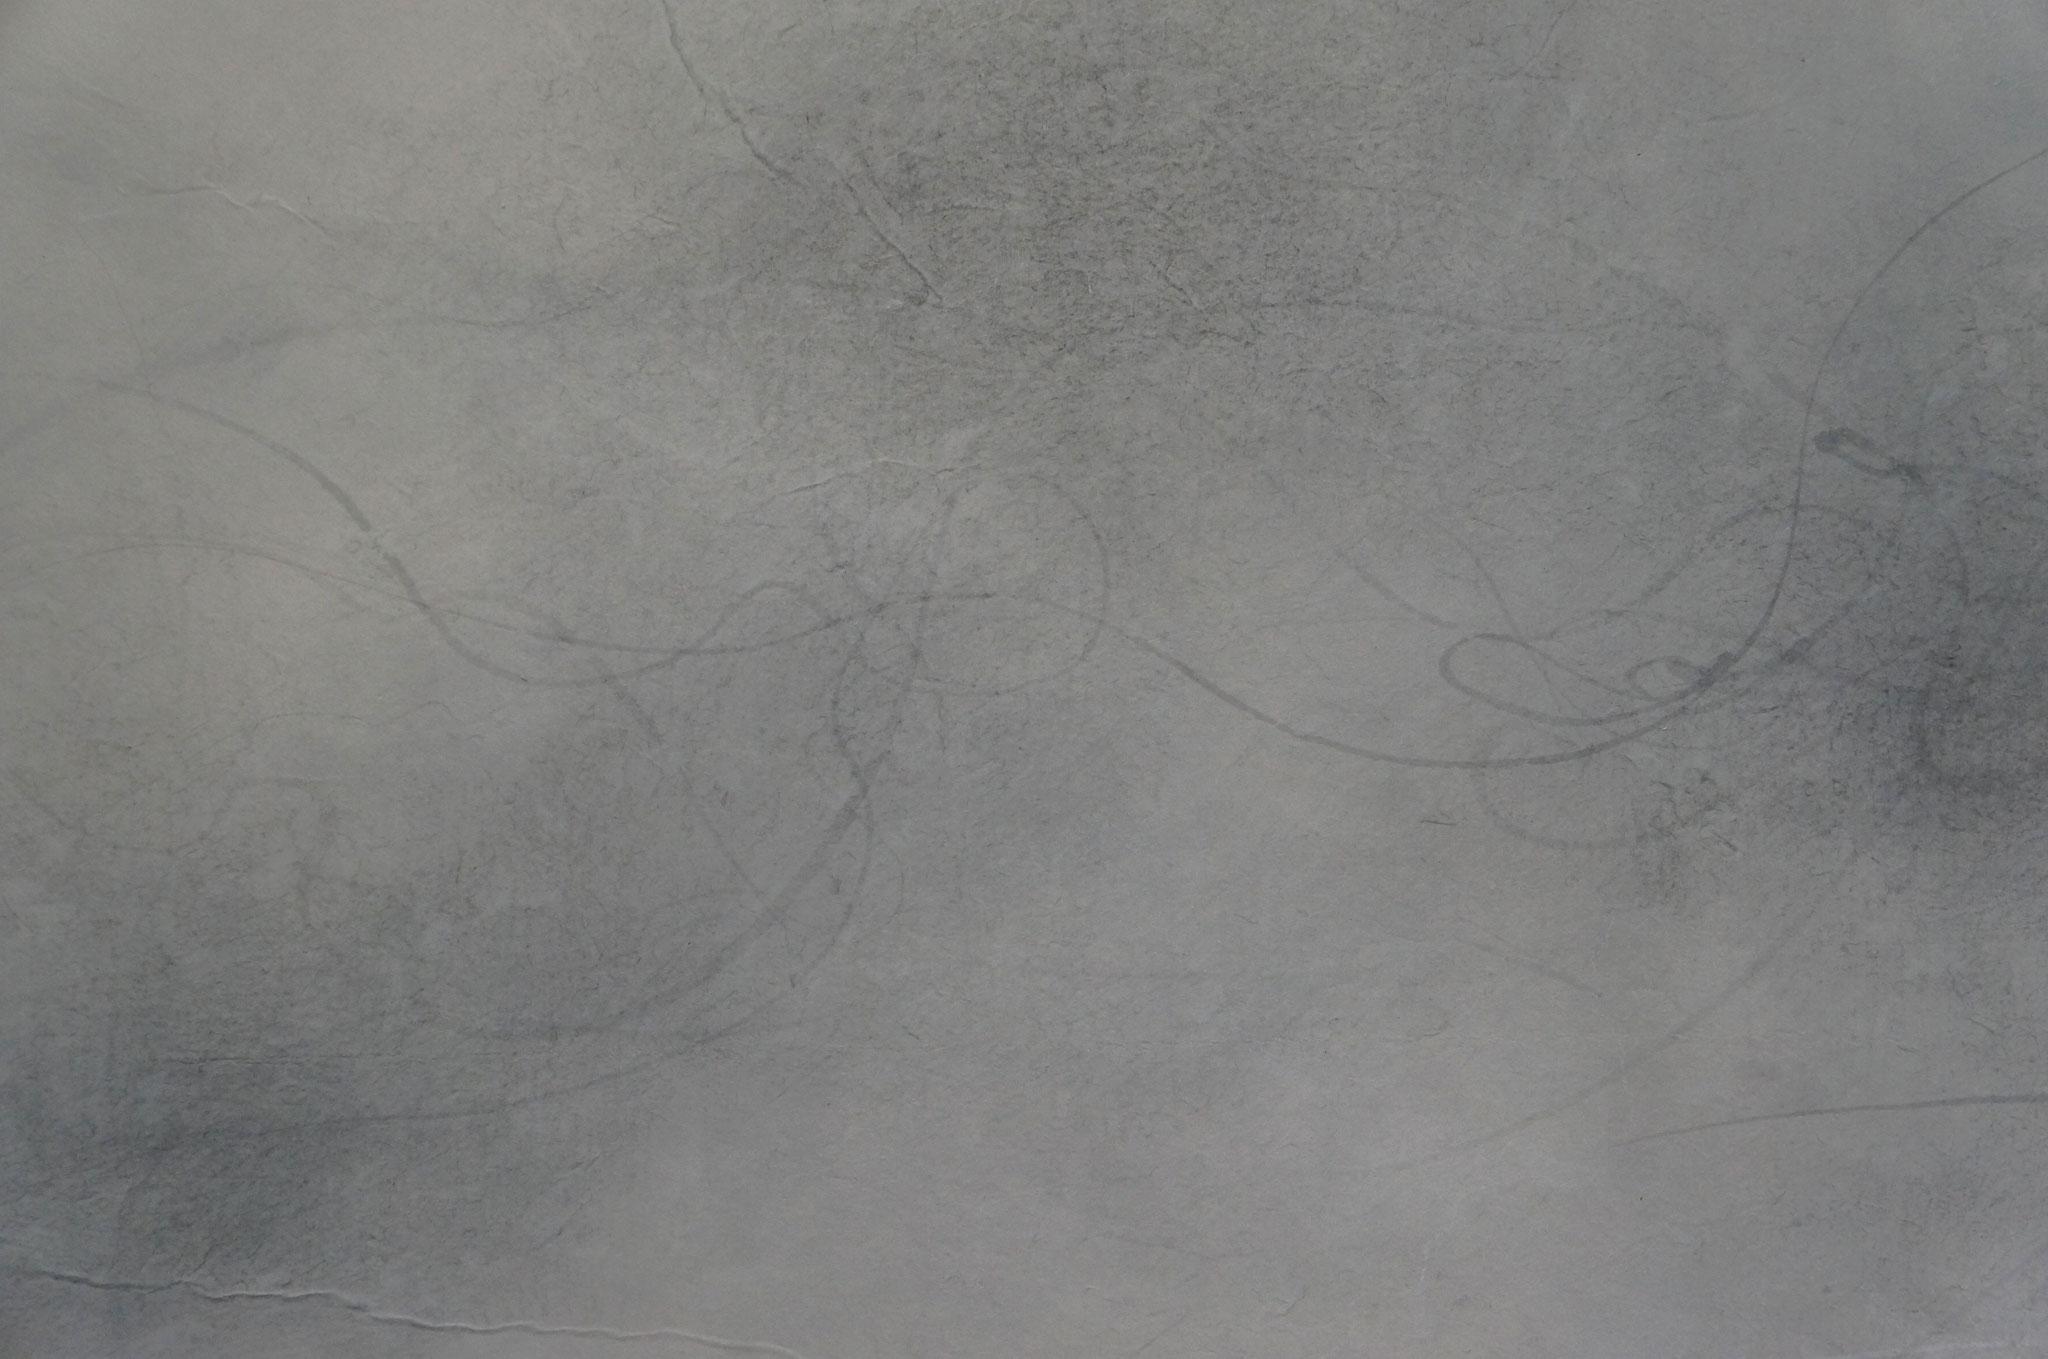 流れを紡ぐ 16-2 部分    Spin The Flow 16-2   Detail